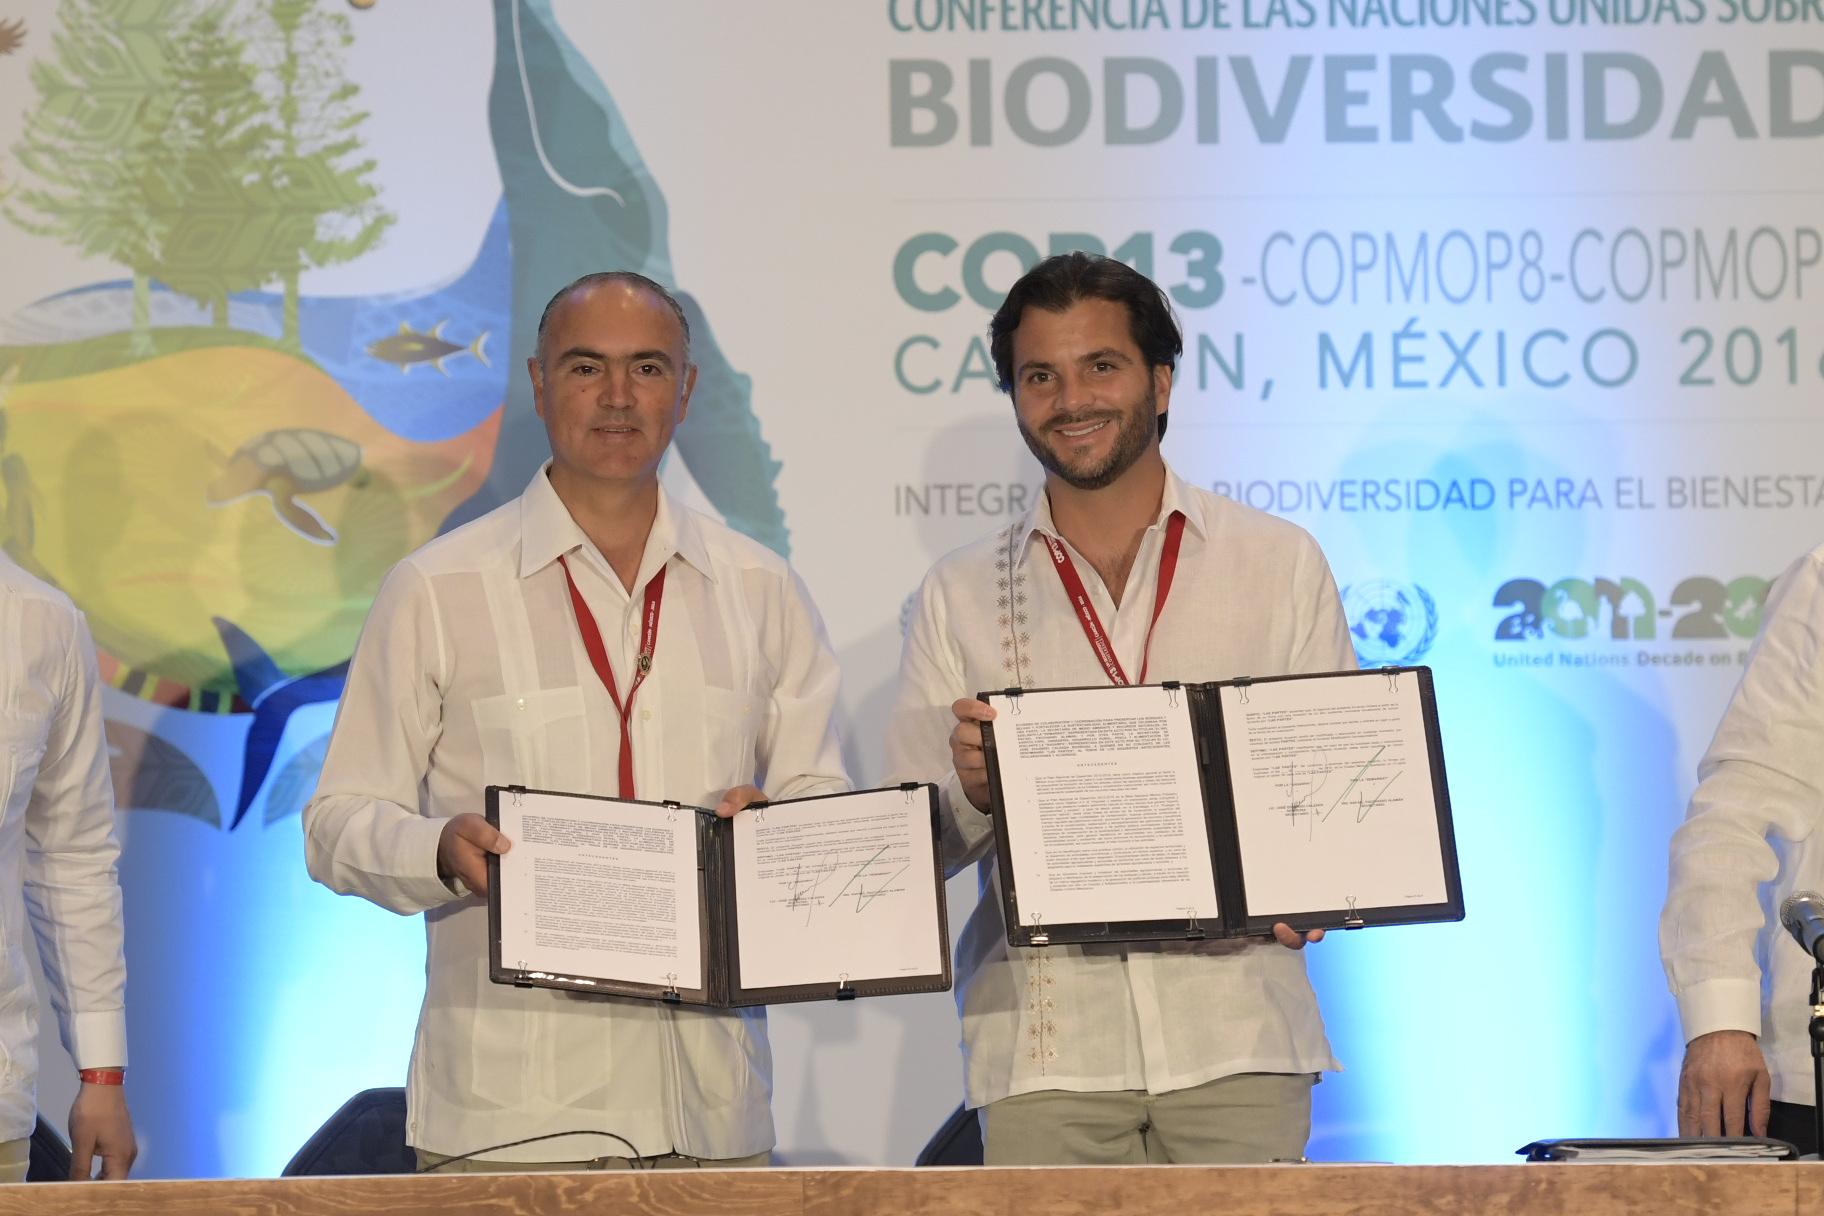 La SAGARPA  y la SEMARNAT firmaron un acuerdo de colaboración para aplicar acciones transversales que incidan en la preservación de bosques y selvas, así como la sustentabilidad alimentaria en el país.